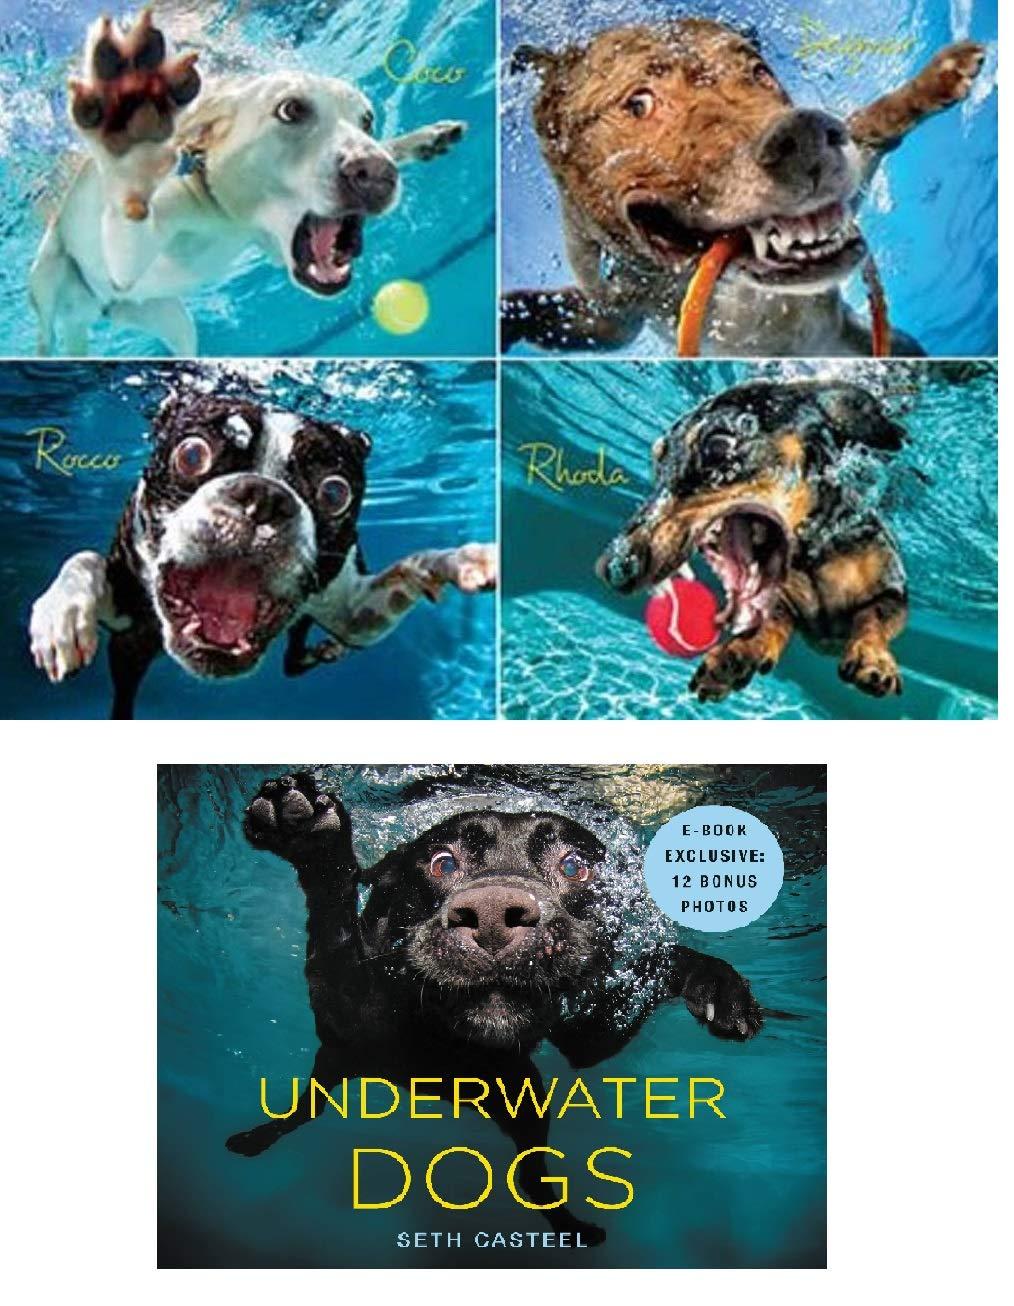 高価値 Underwater 1000ピース Underwater Dogs Pawty B07GVNBZY8 Pack Includes - Pool Pawty 1000ピース ドッグジグソーパズル ハードカバーブック B07GVNBZY8, 北浦町:8b26be9b --- a0267596.xsph.ru